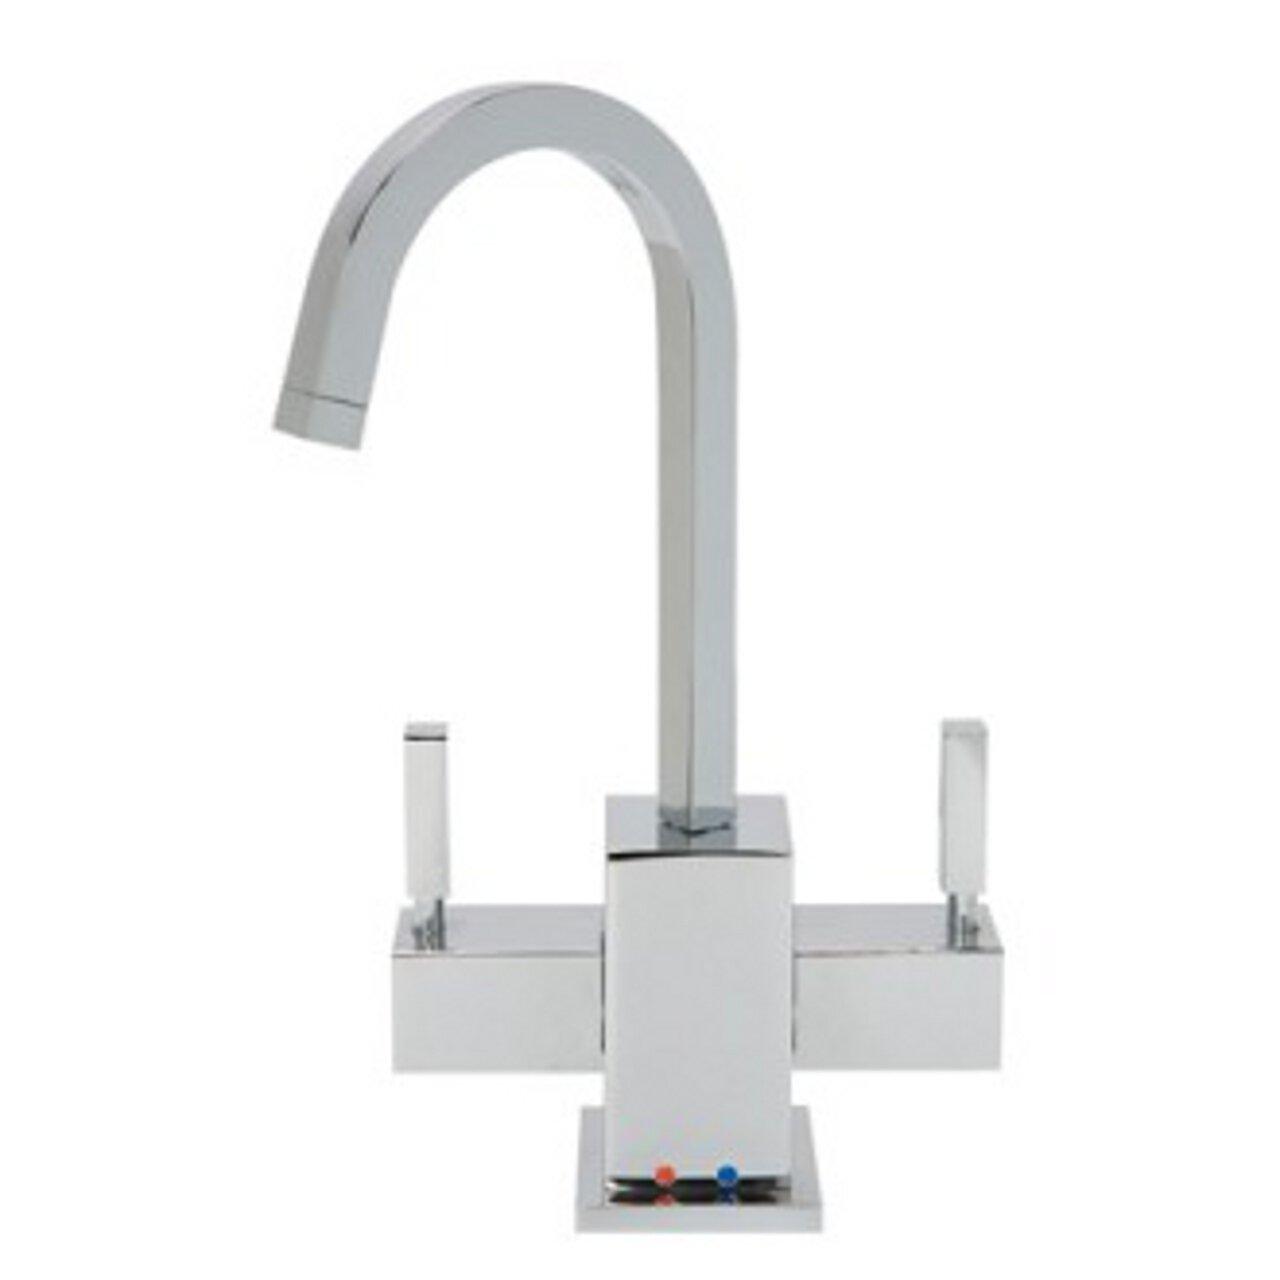 Cuadrado caliente y fría dispensador de agua: Amazon.es: Bricolaje ...